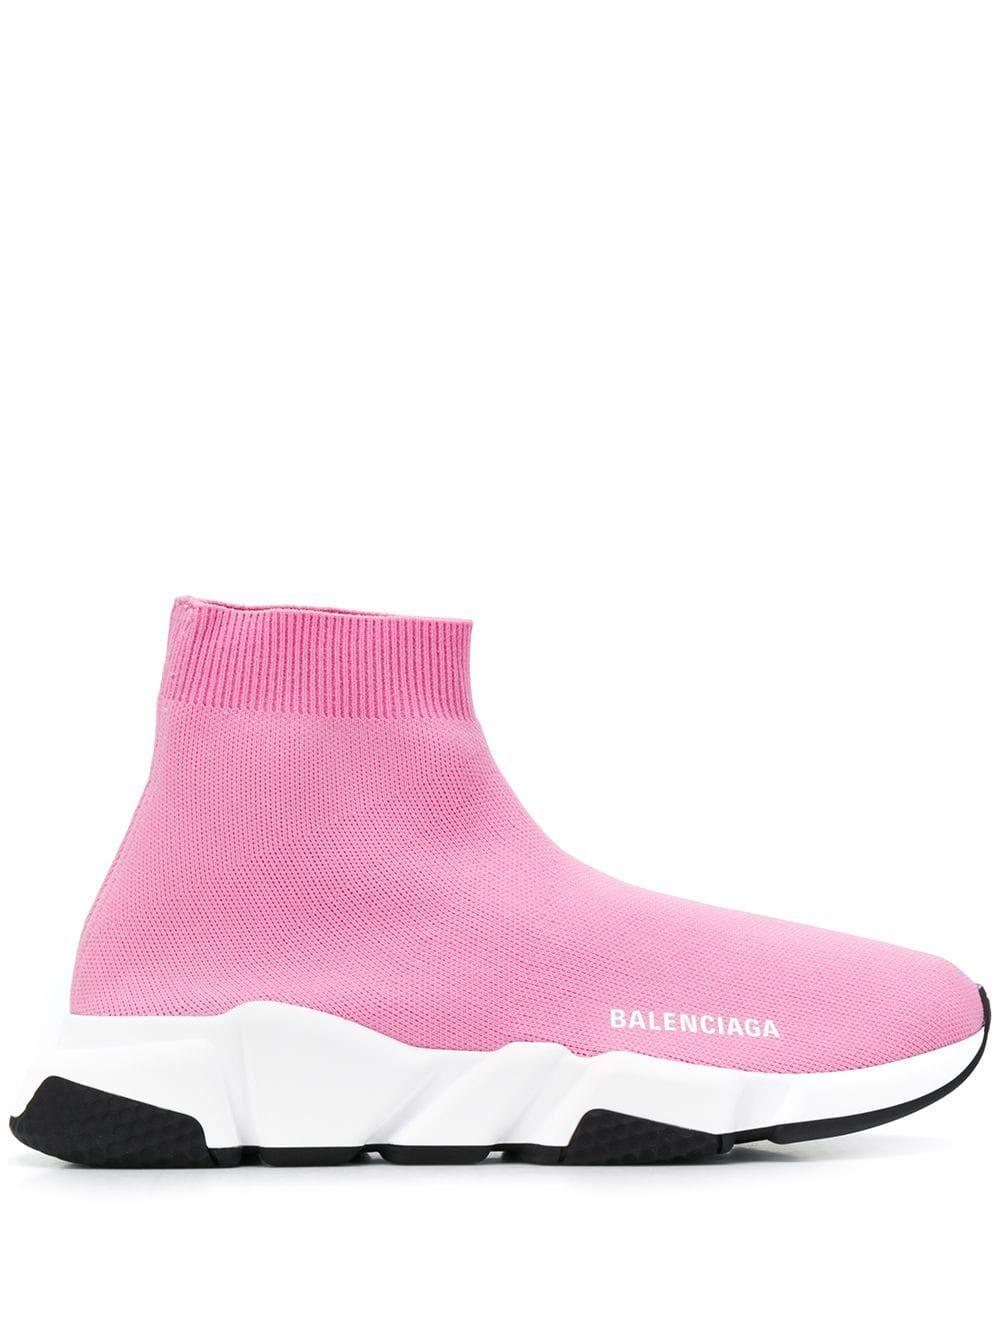 Balenciaga Speed Knitted Sock hi-top